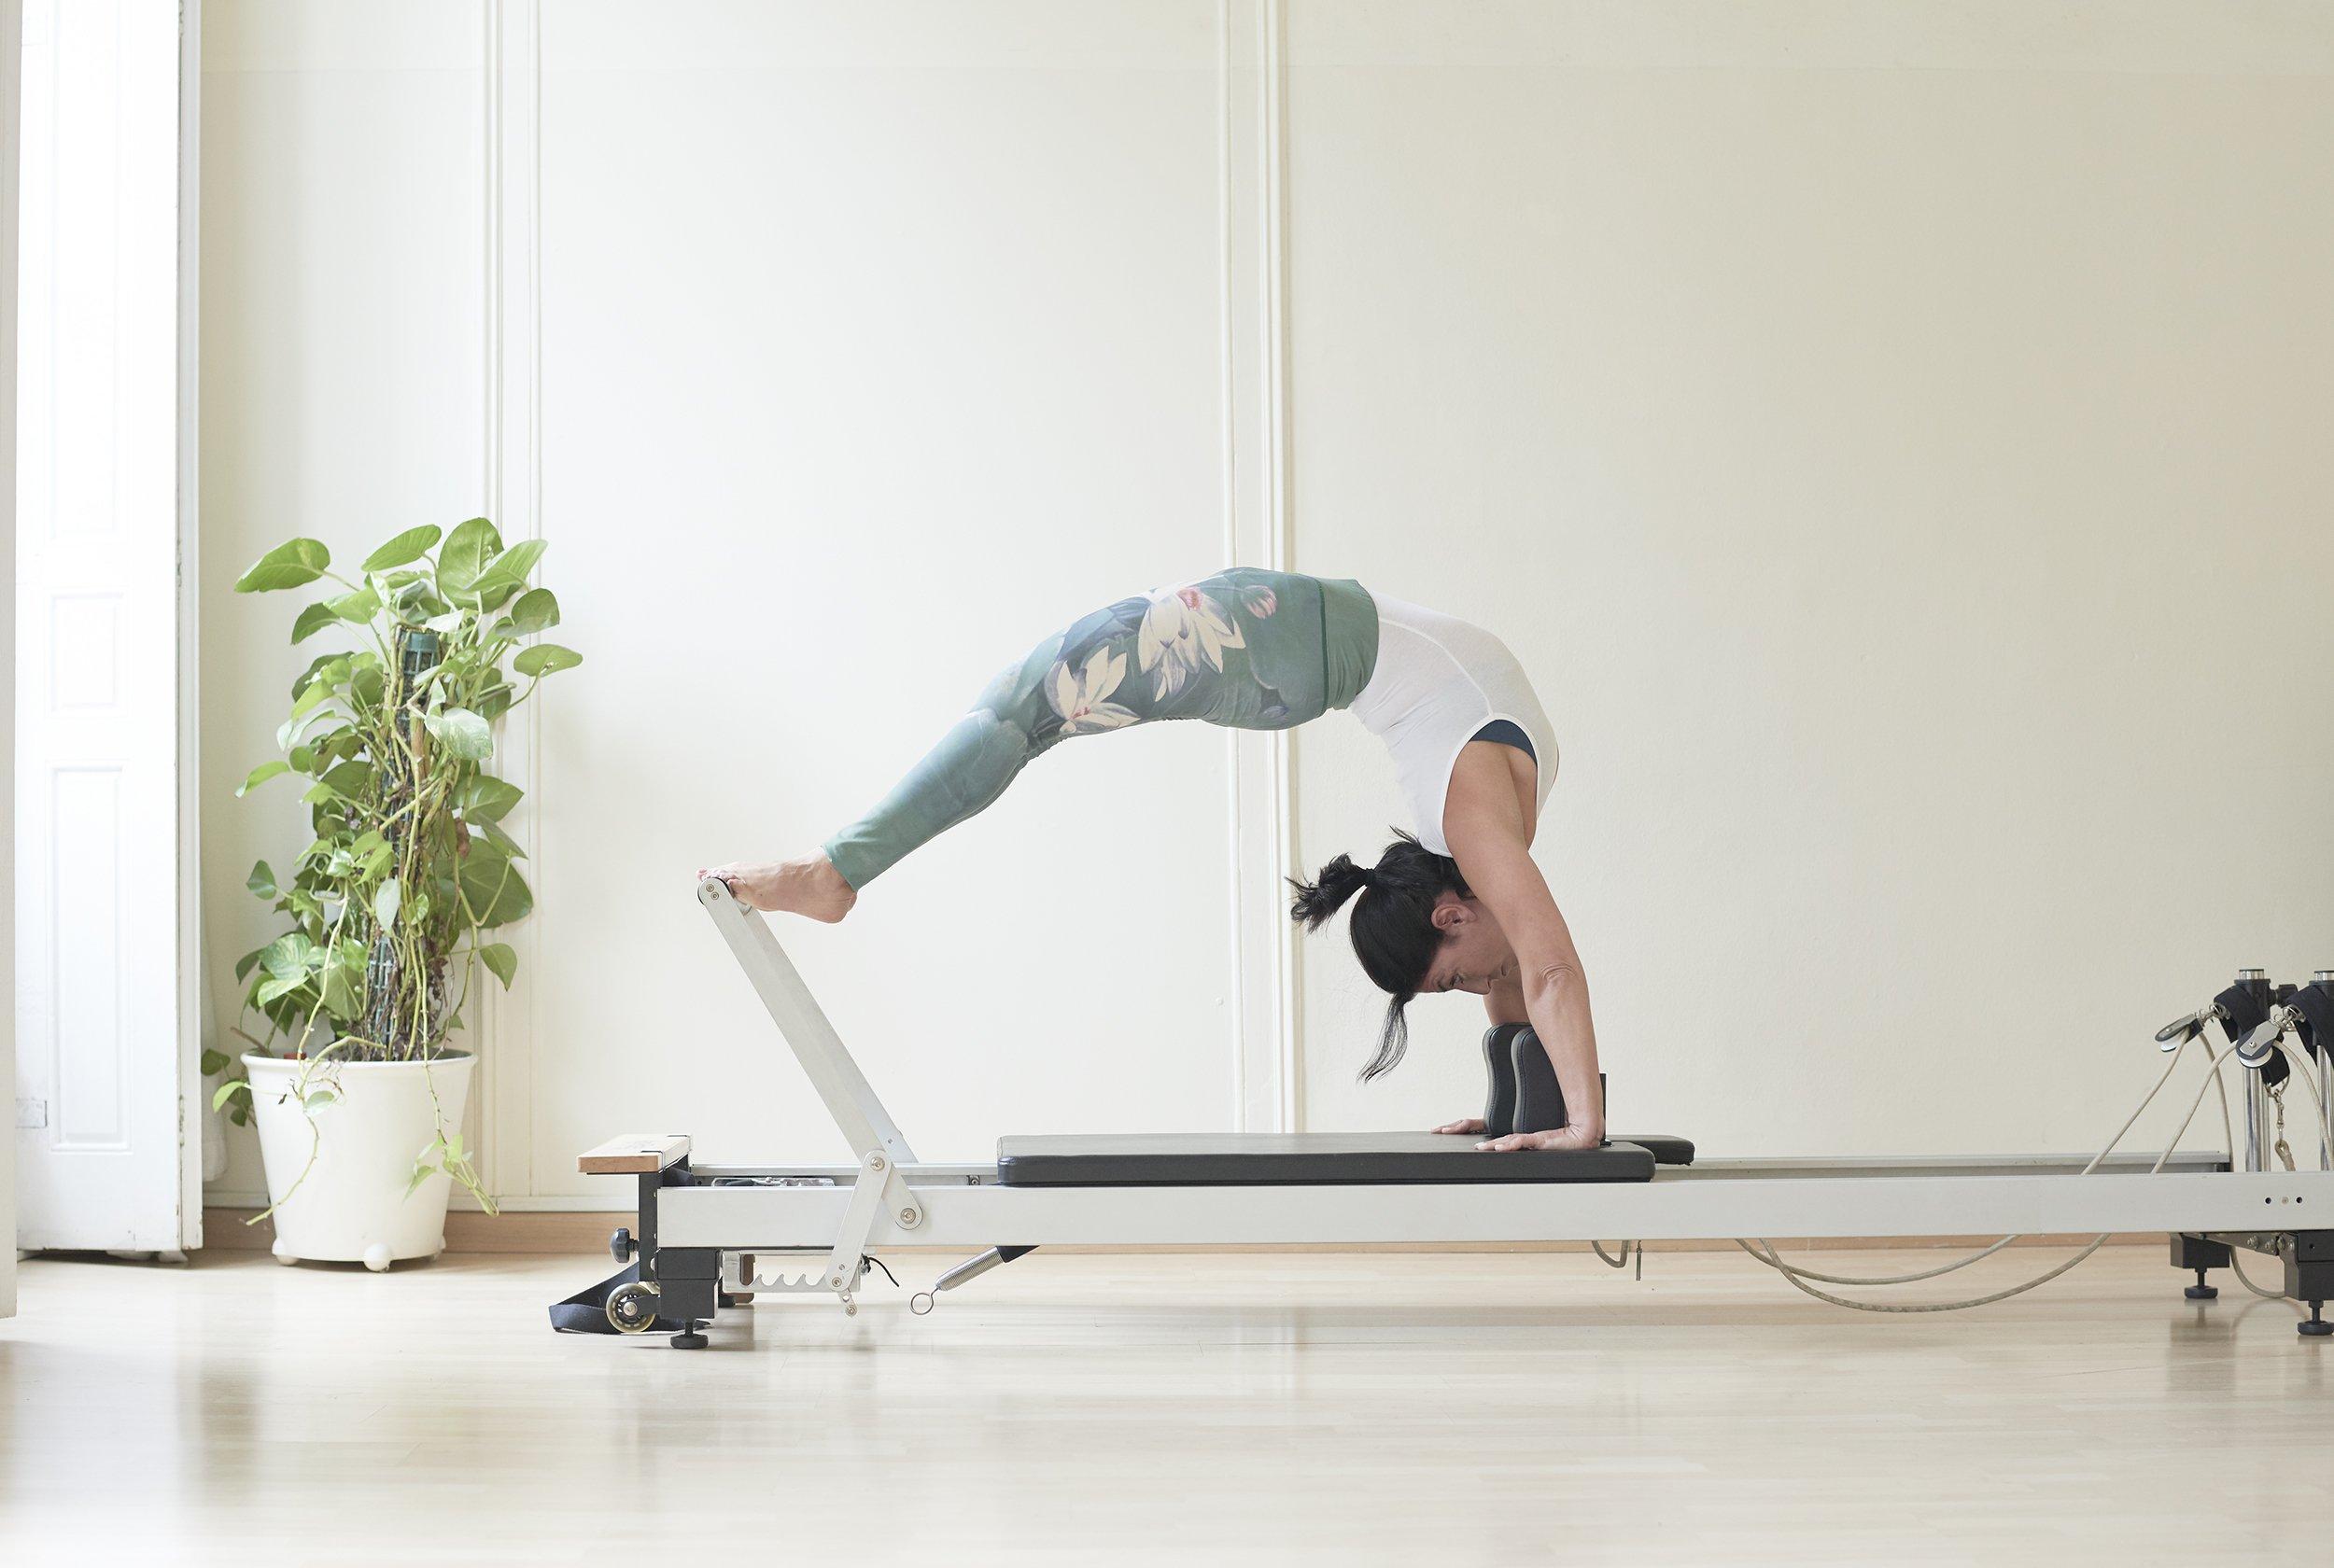 Beneficios del pilates reformer - estudio de Pilates en Barcelona